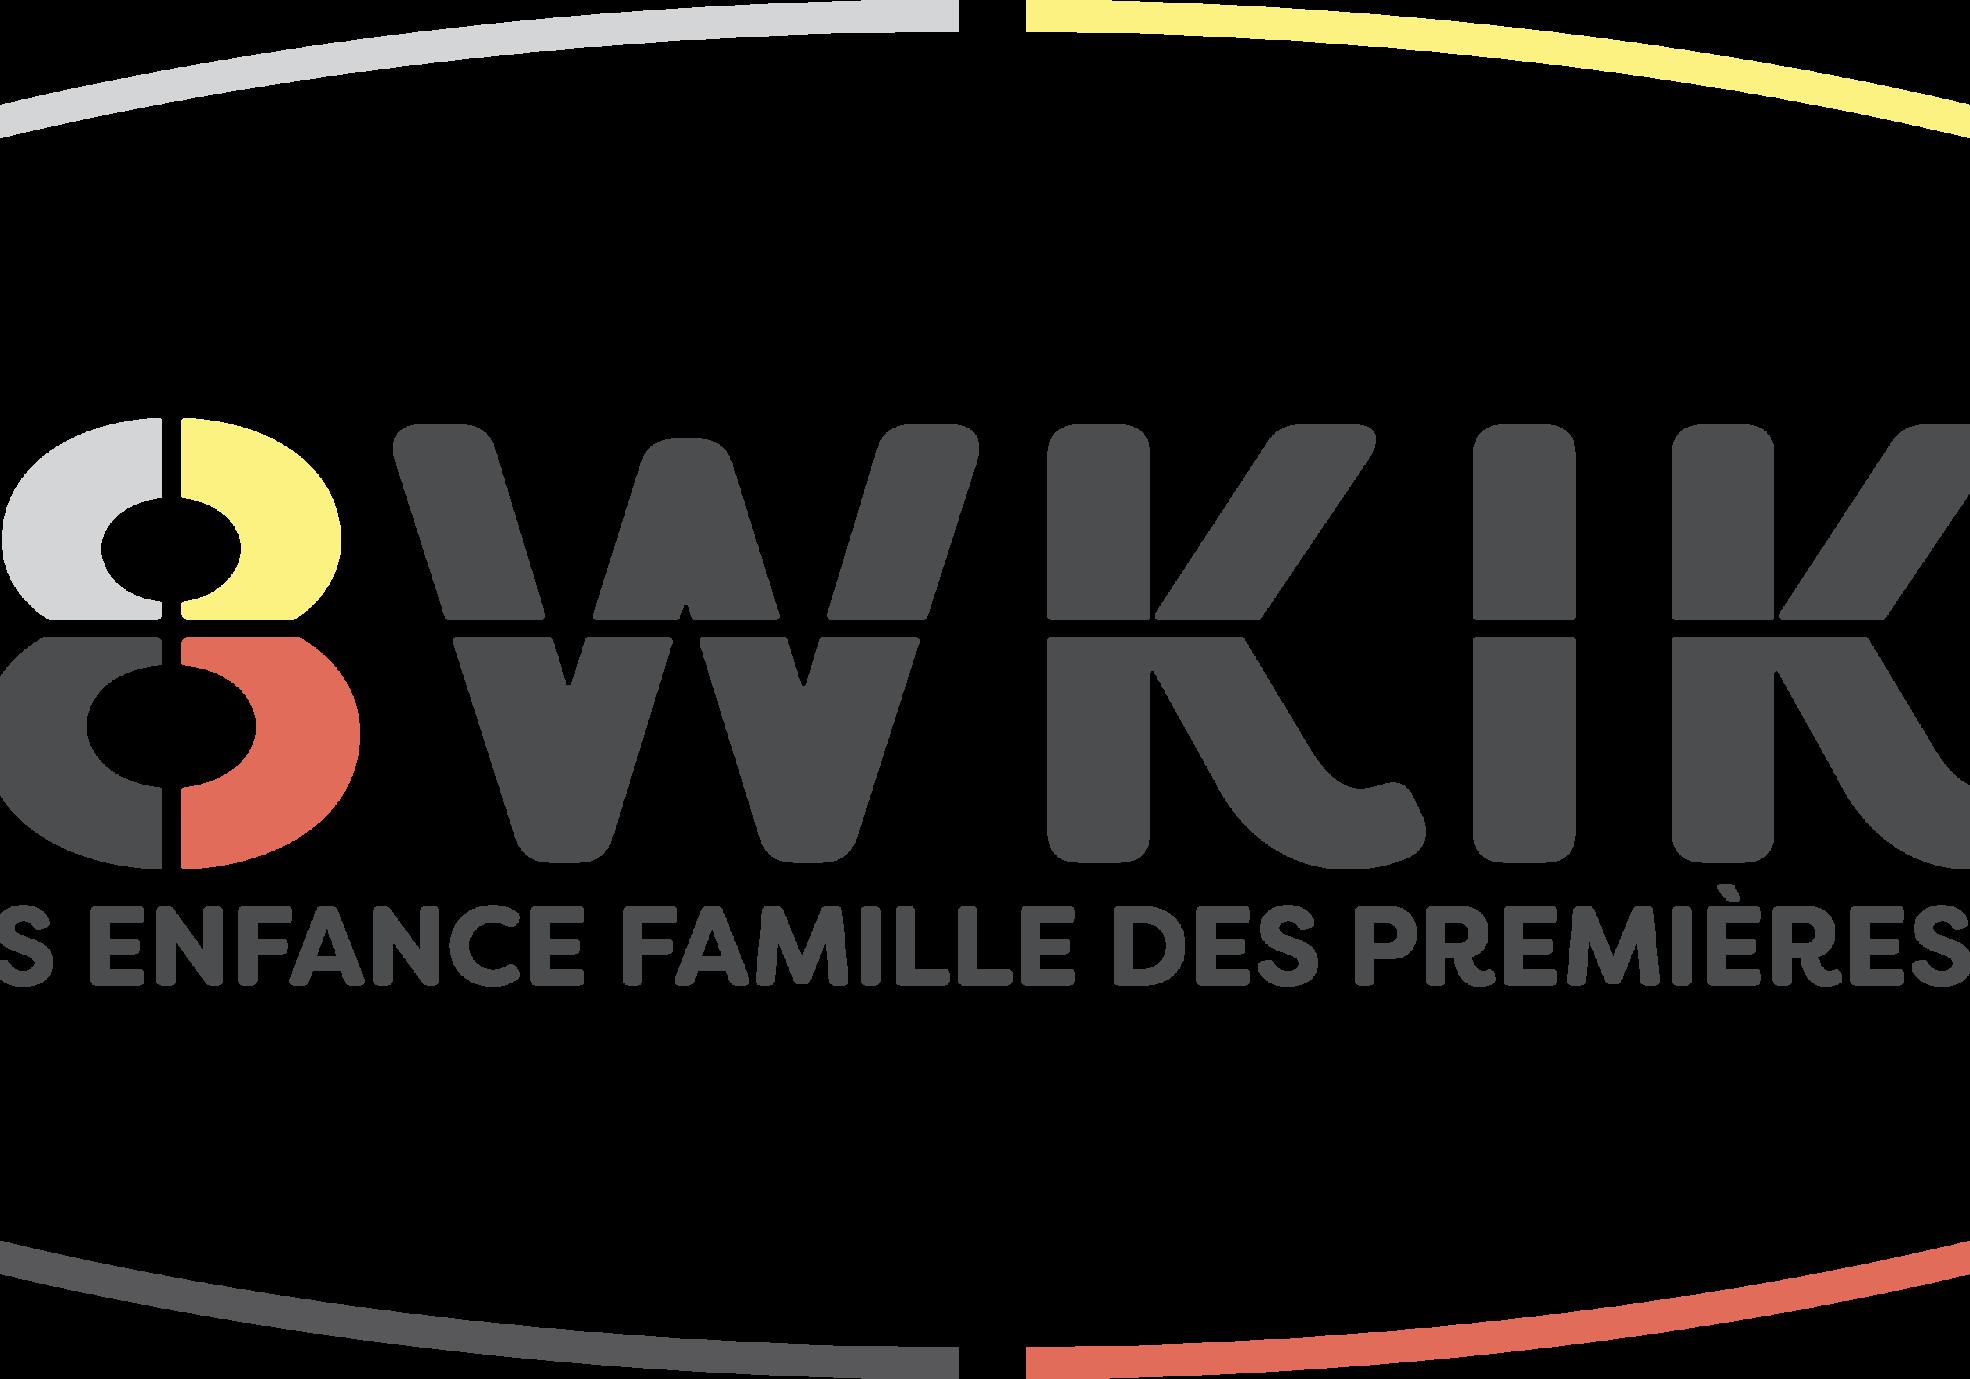 logo_n8wkika